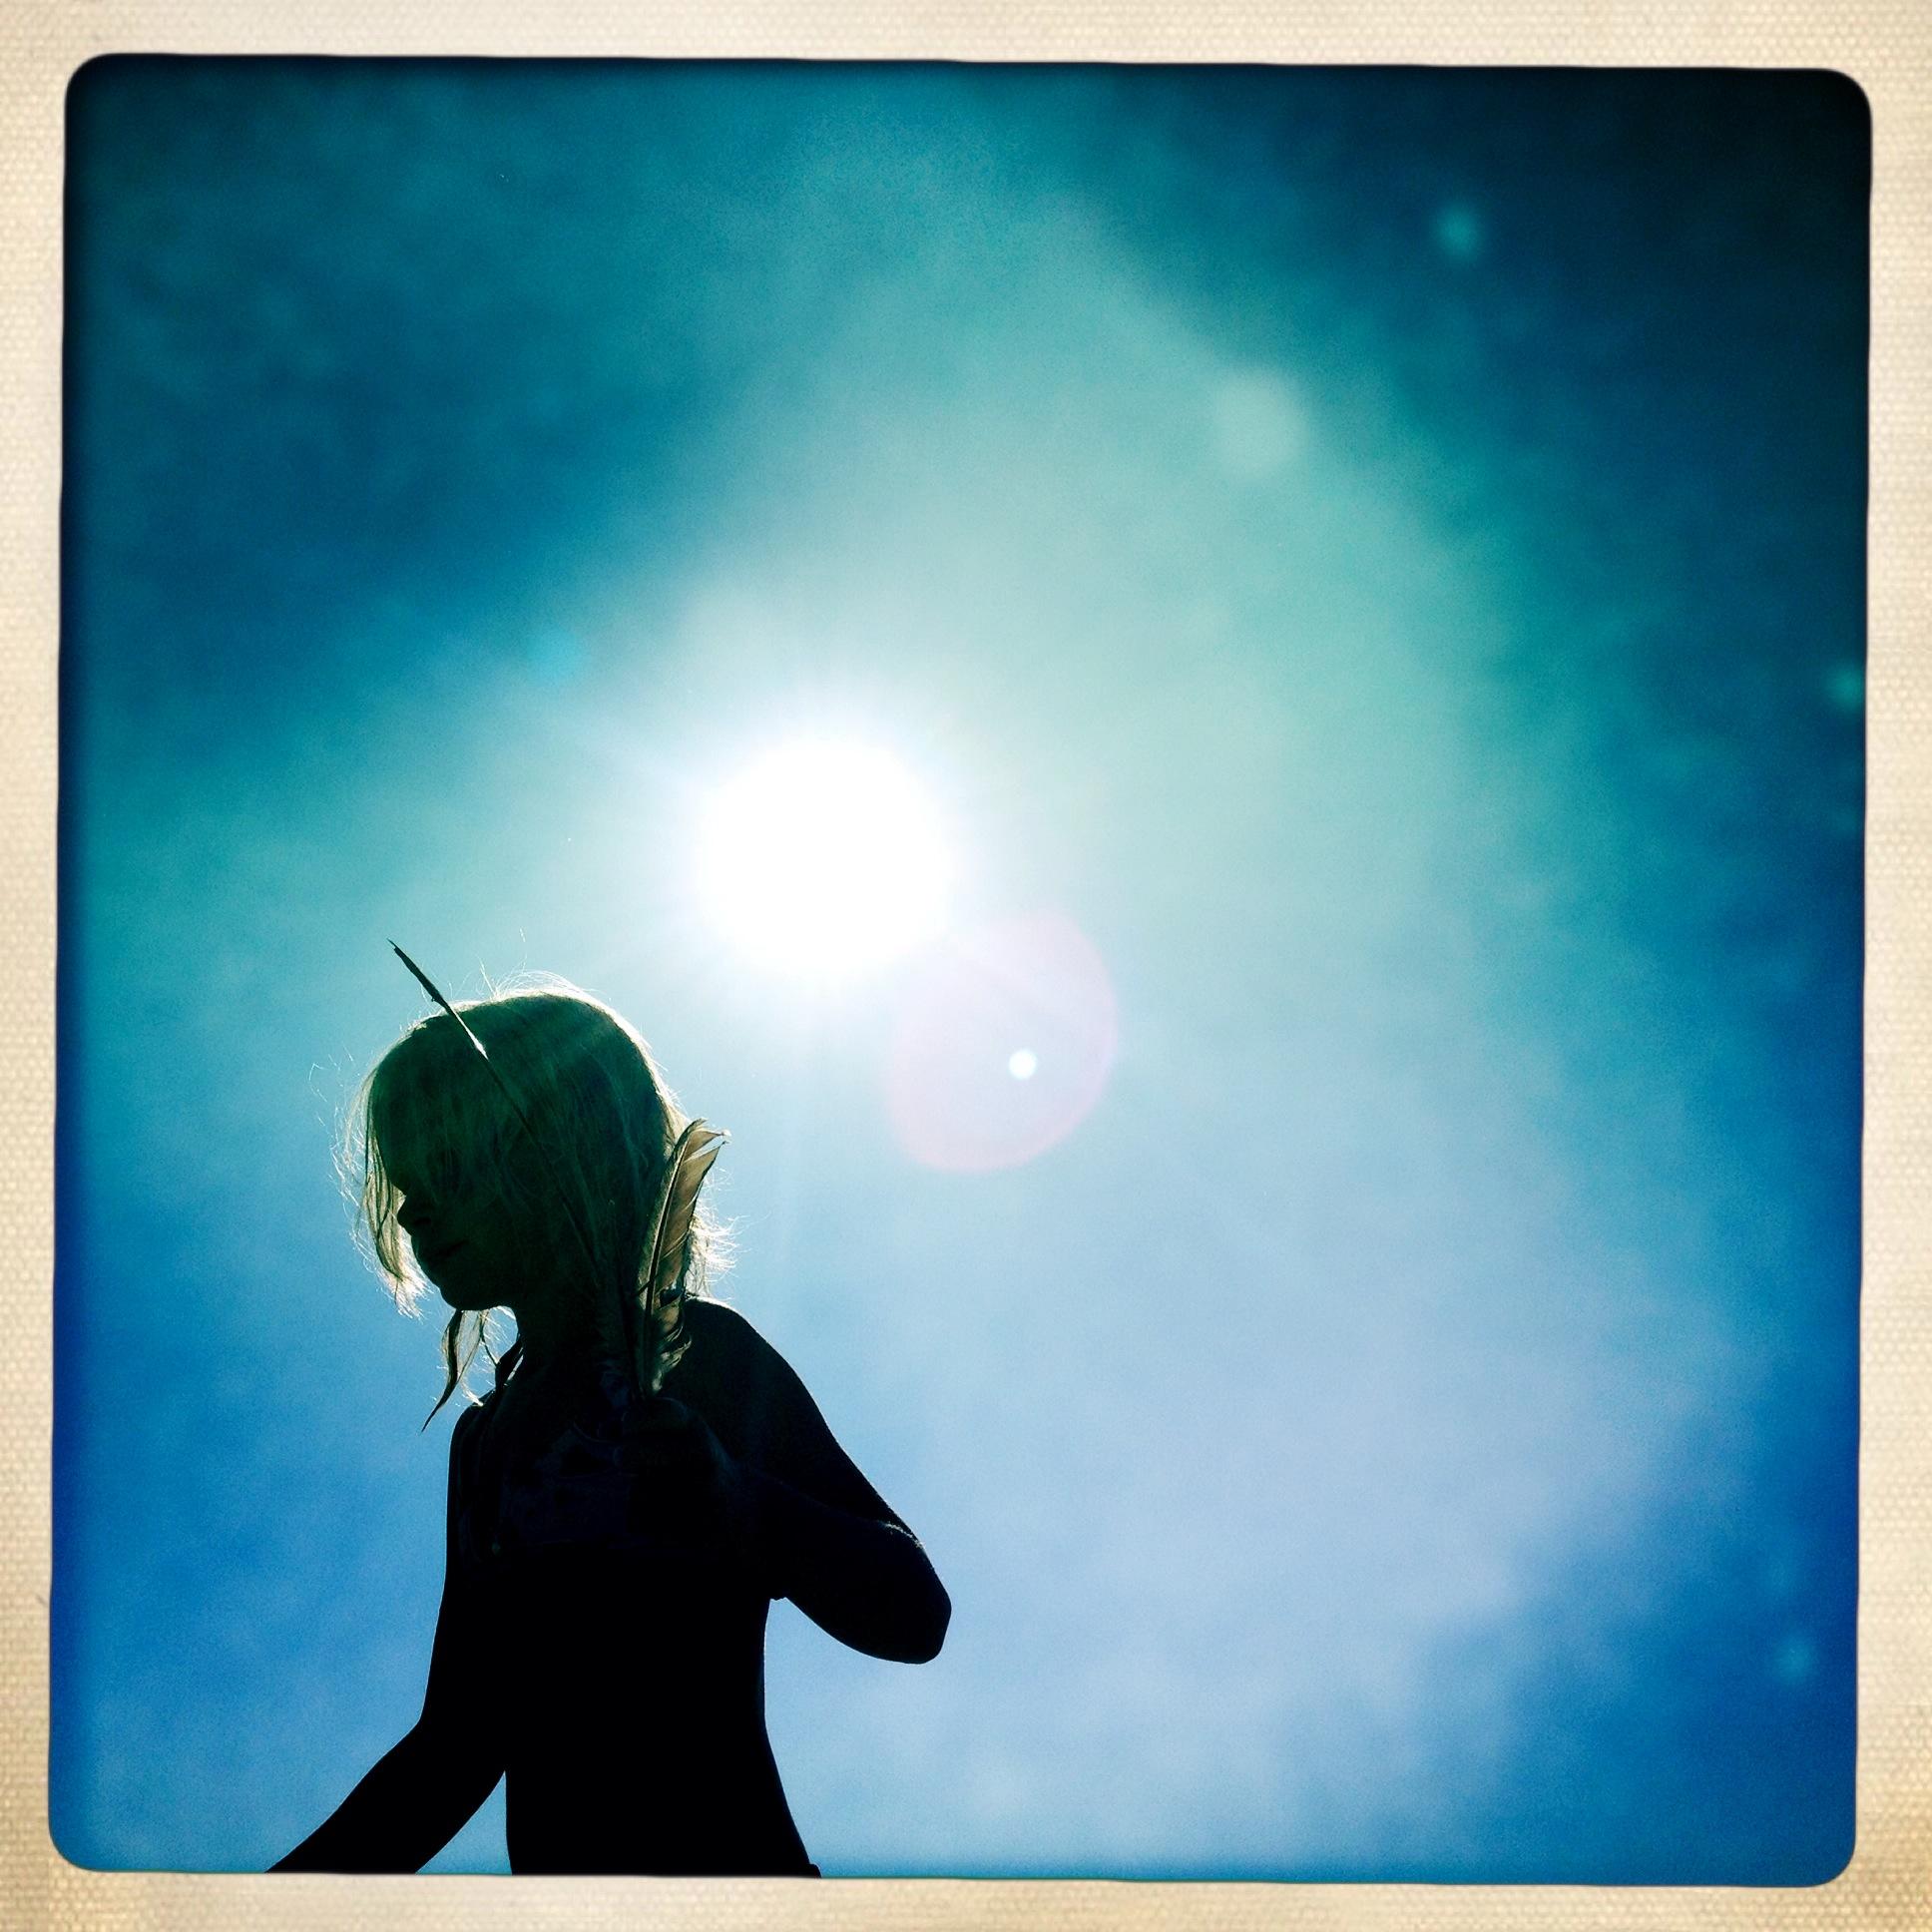 Iphonekuvat_Sanna Krook088.JPG